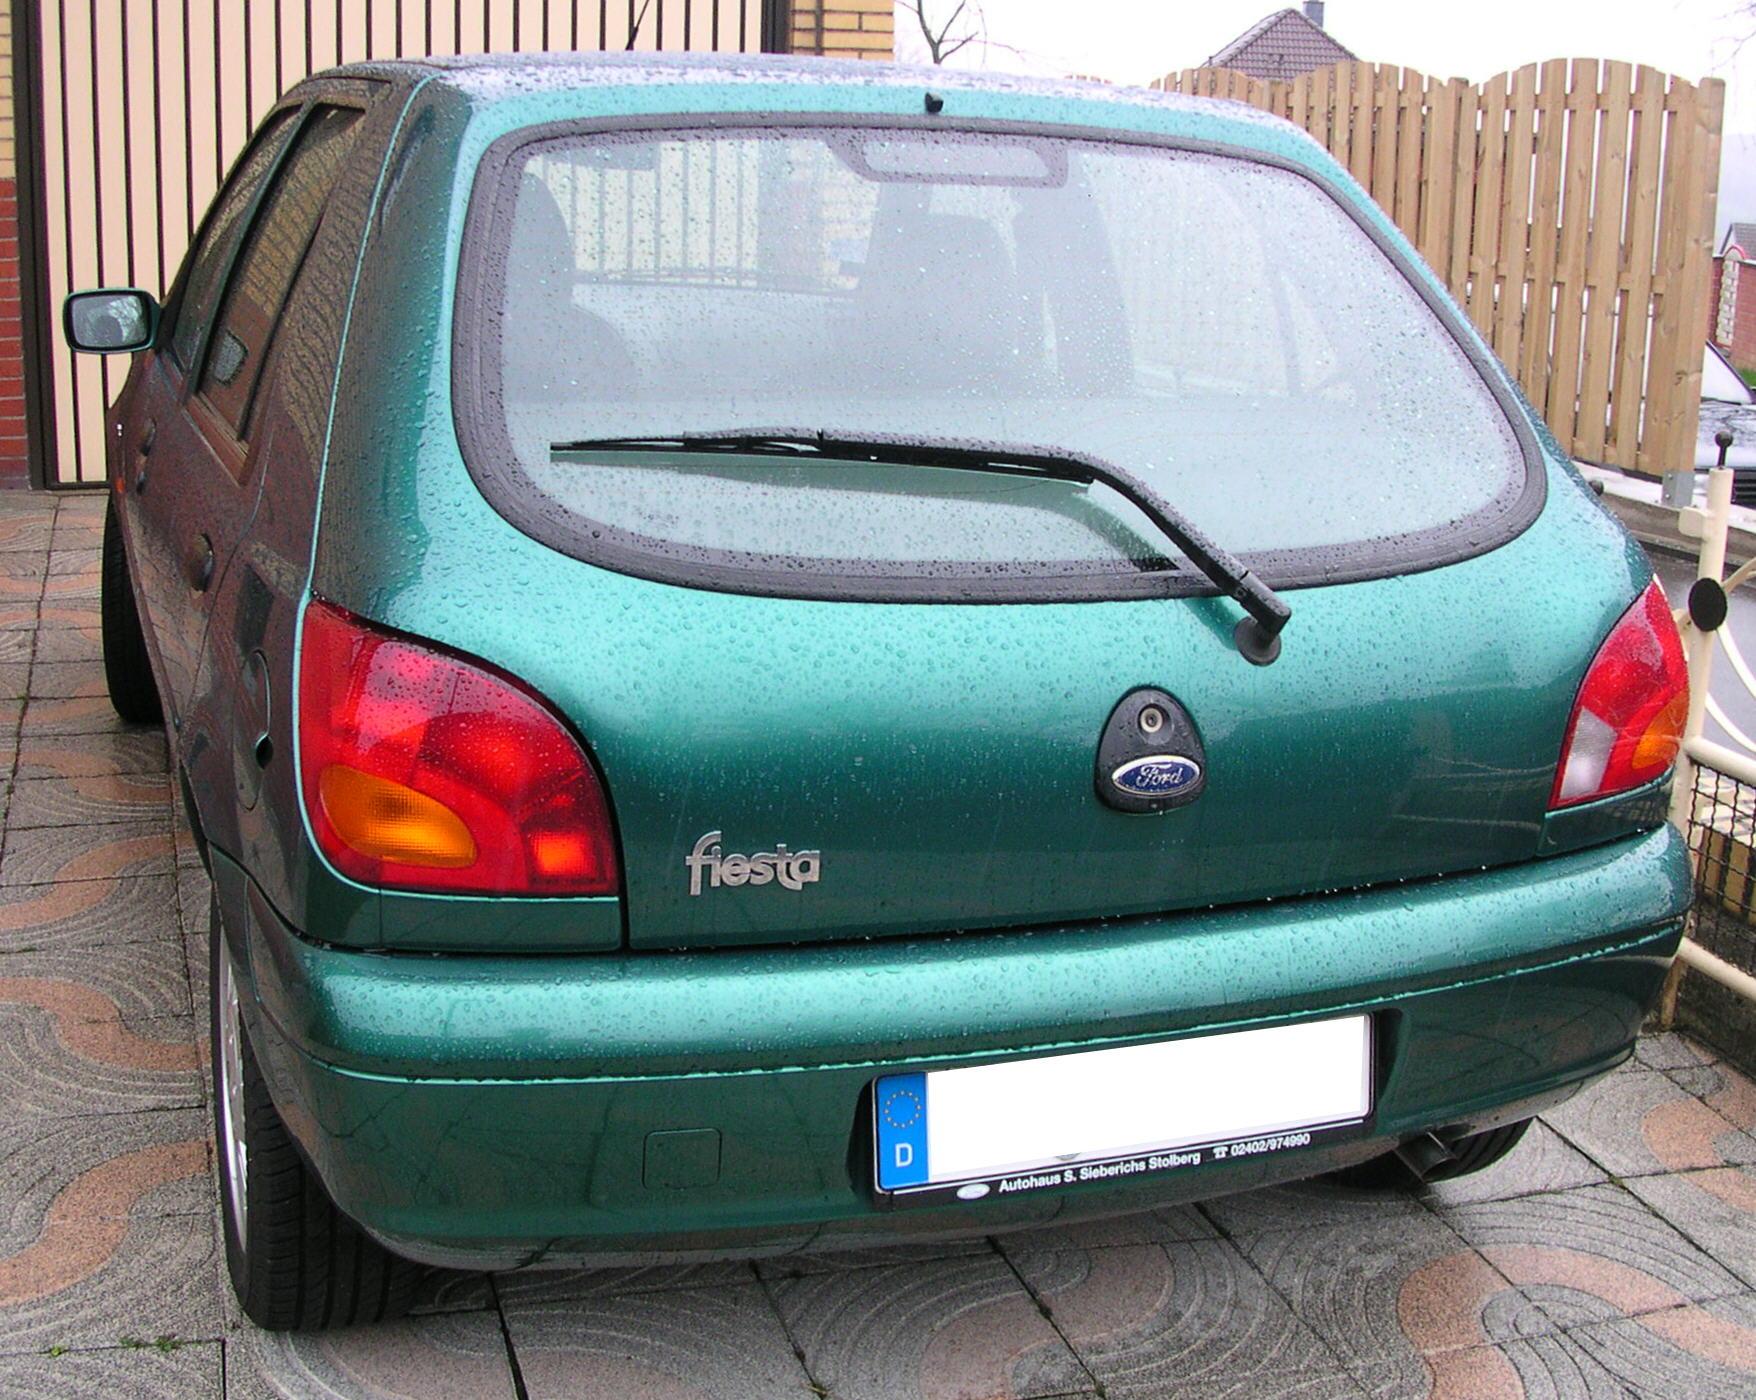 Fiestafkbys 3